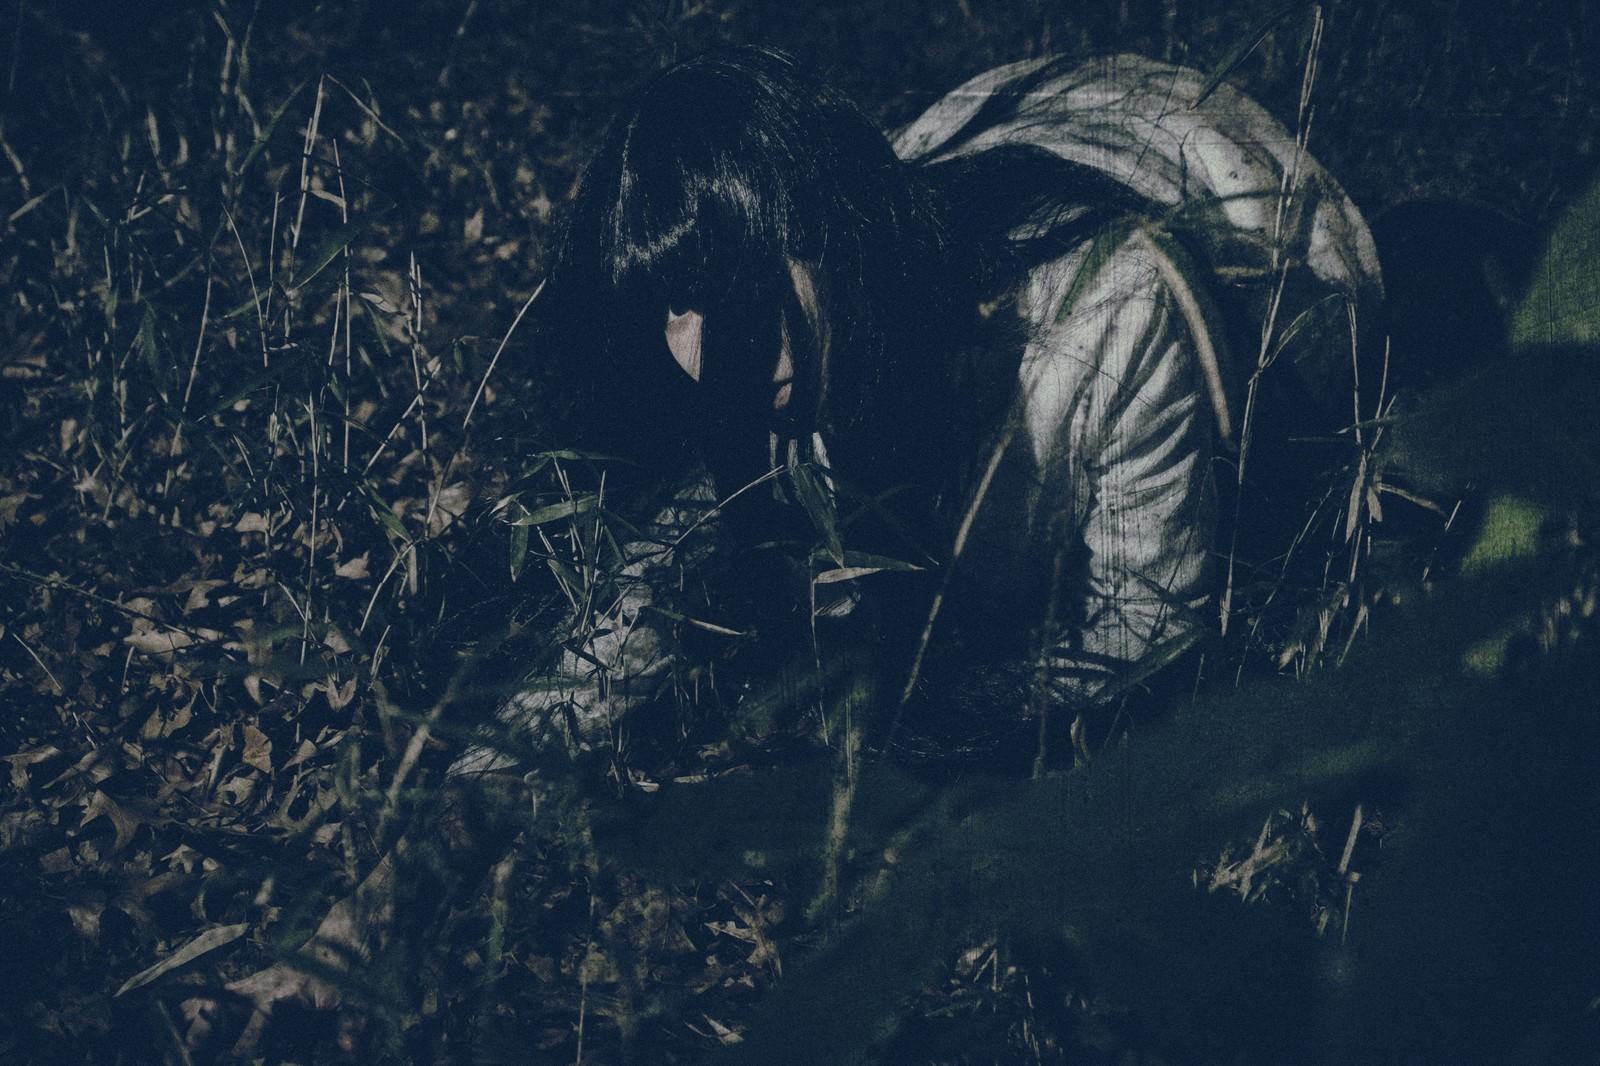 「深夜に草むらで落とした小銭を探す女性」の写真[モデル:緋真煉]